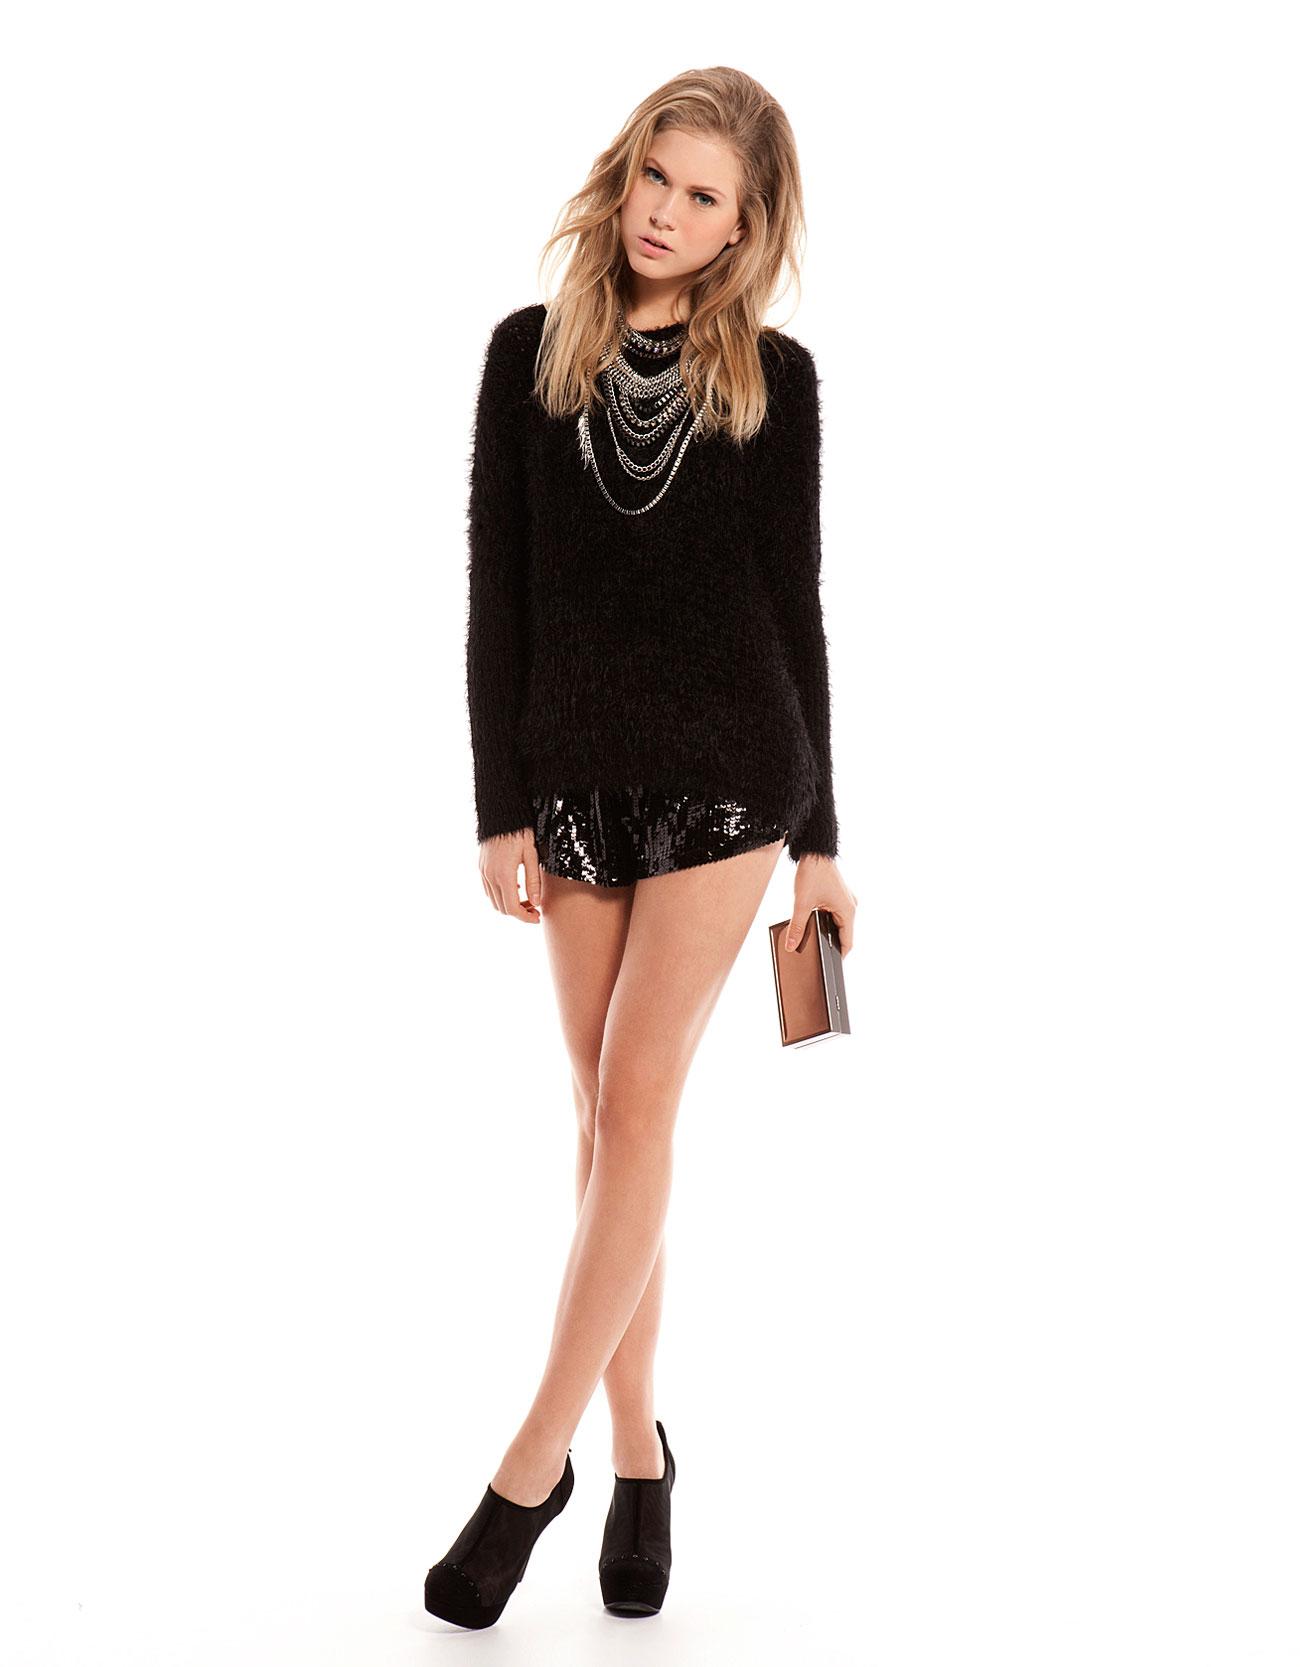 Hay varios y muy buenos modelos y a precios irresistibles Modelos de locales de ropa